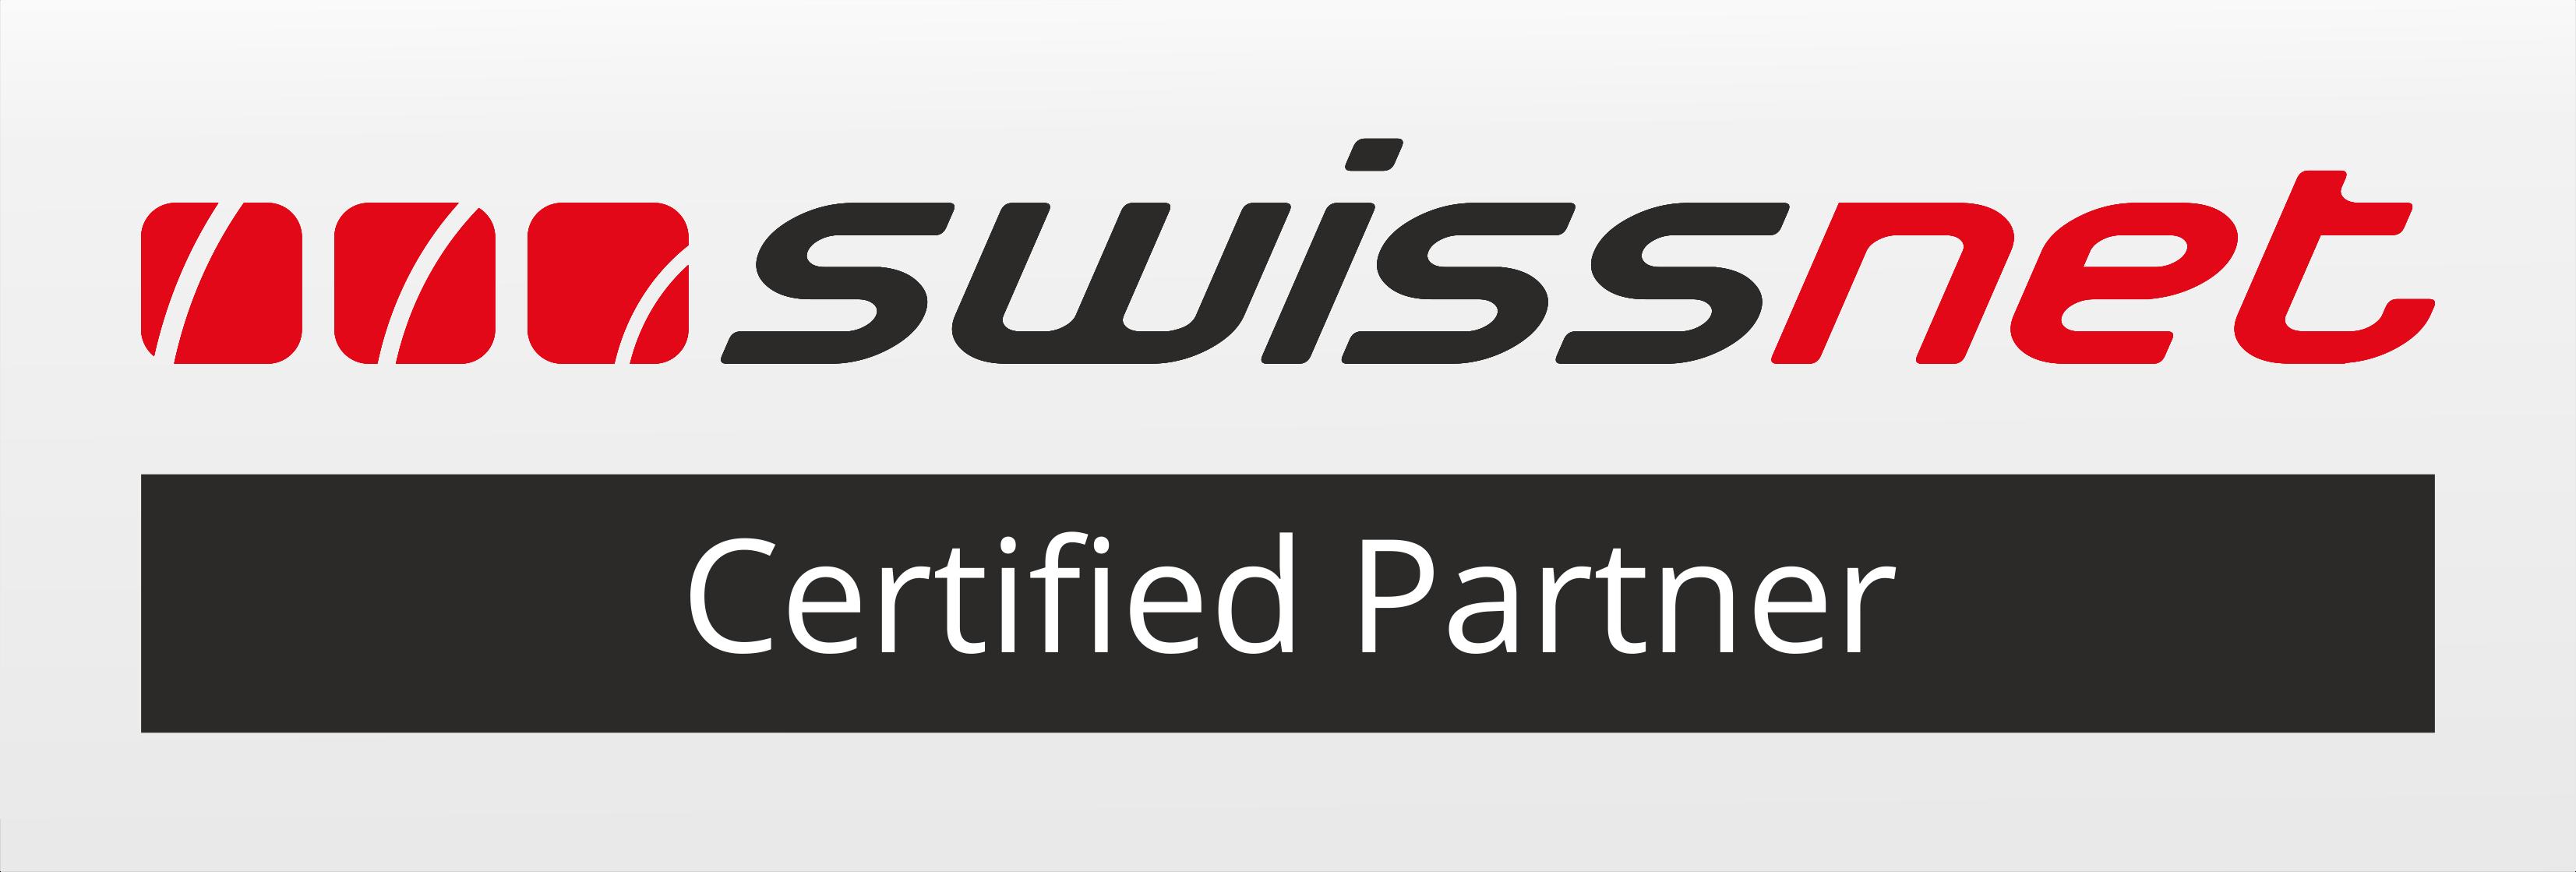 DatACT GmbH ist zertifizierter Partner Swissnet Telecommunication AG